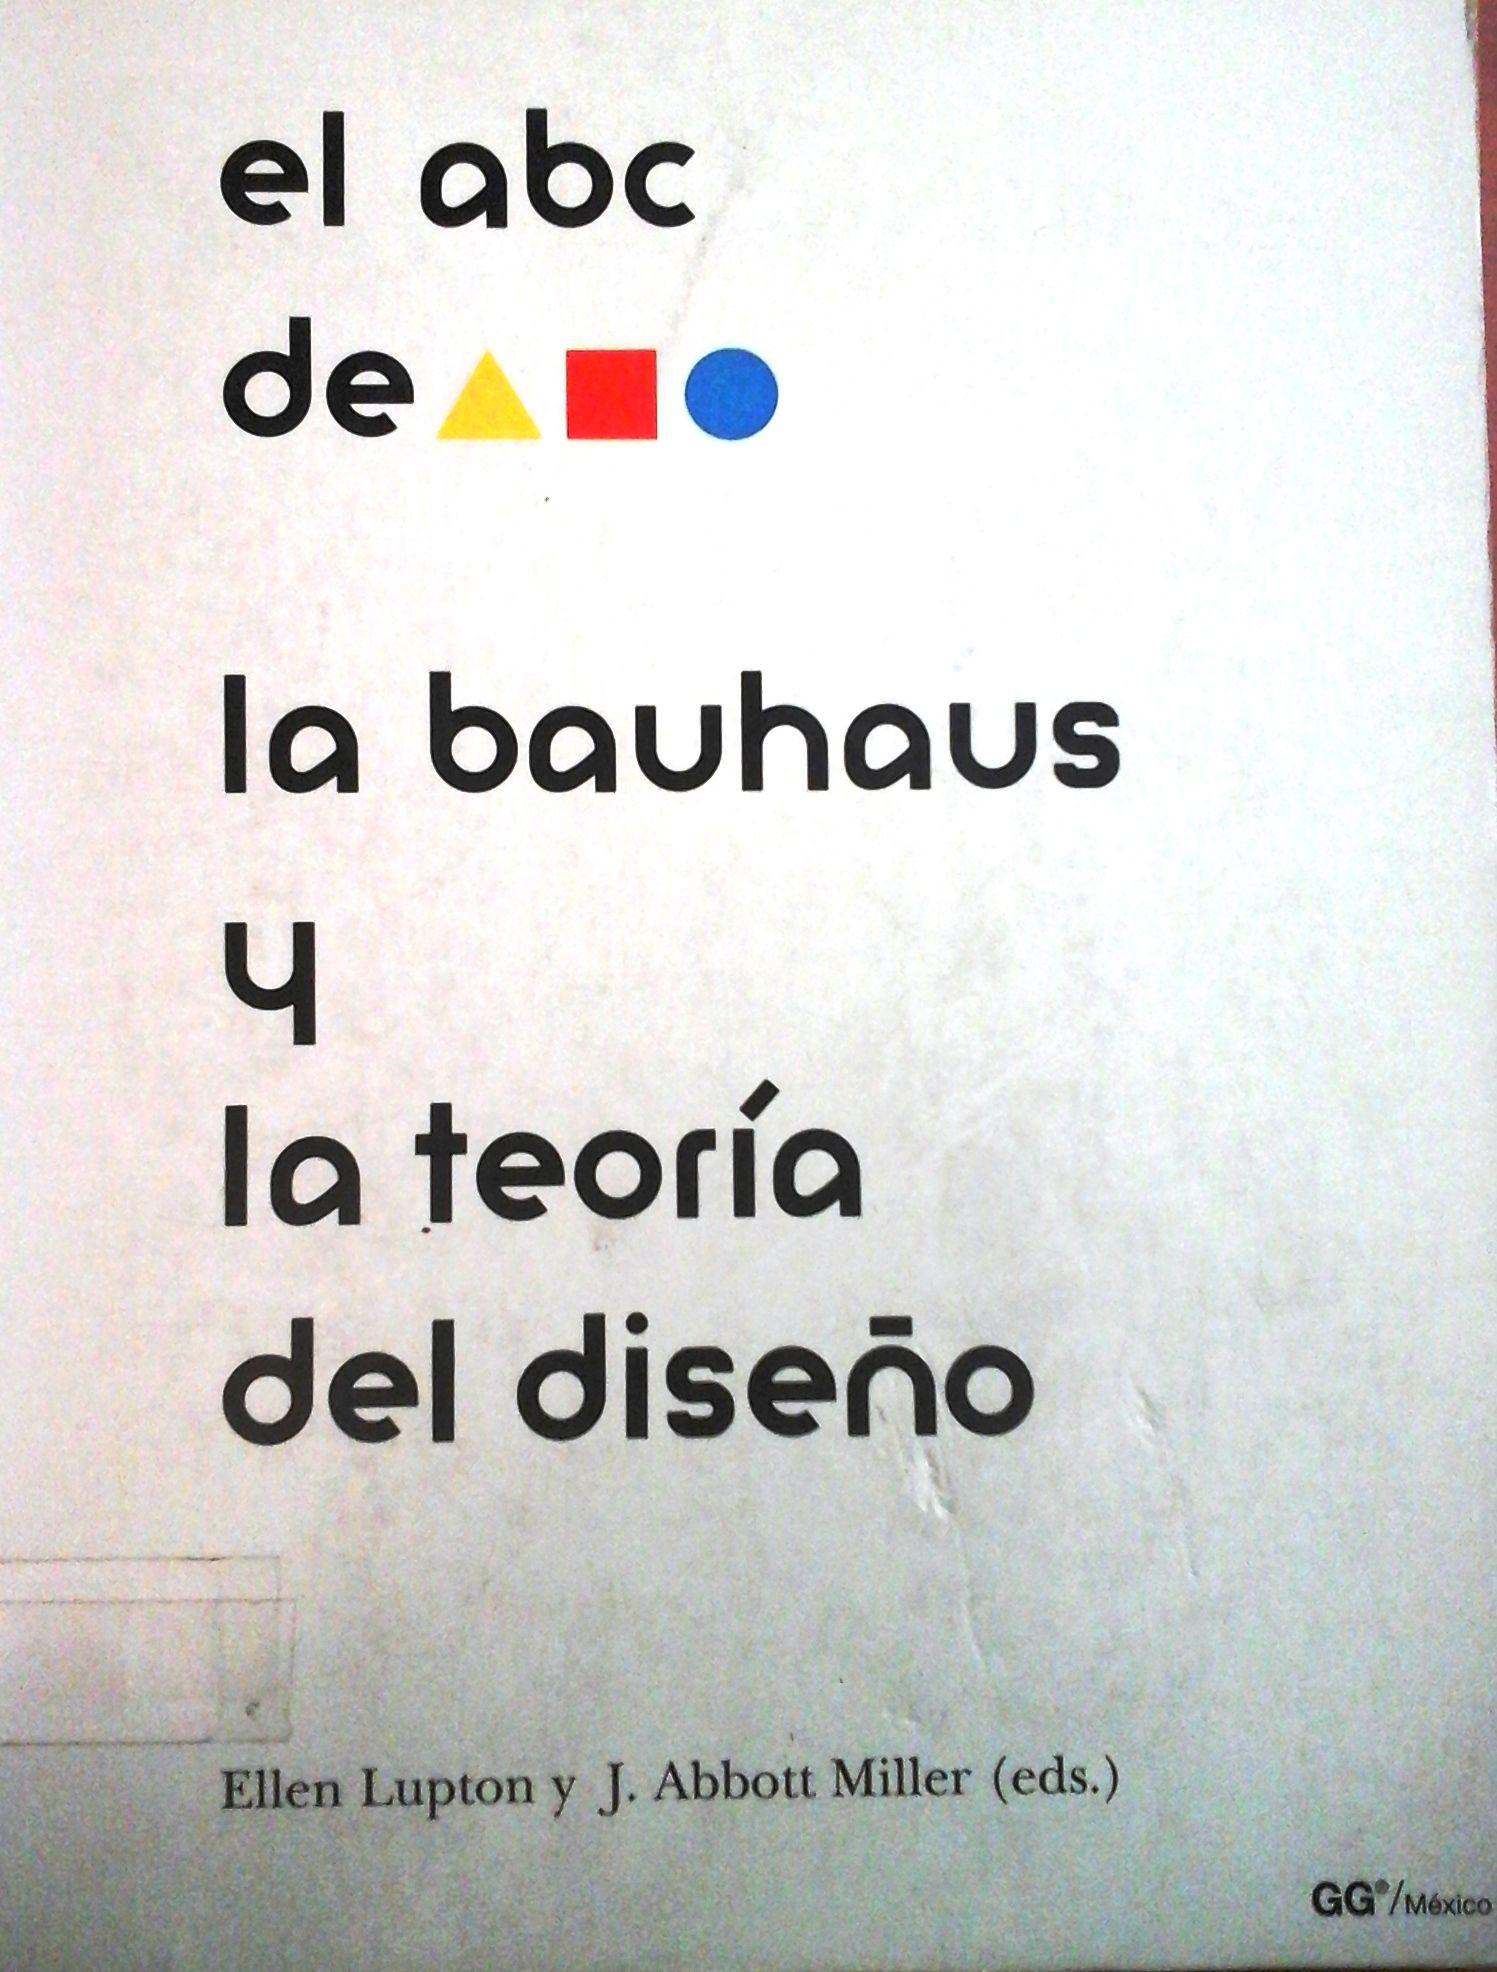 Lupton, Ellen. El ABC De: La Bauhaus Y La Teoría Del Diseño. 1 ª ed. México: Gili, 1994. Disponible en la biblioteca de Ingeniería Y Ciencias Aplicadas. (Primer nivel EBLE)